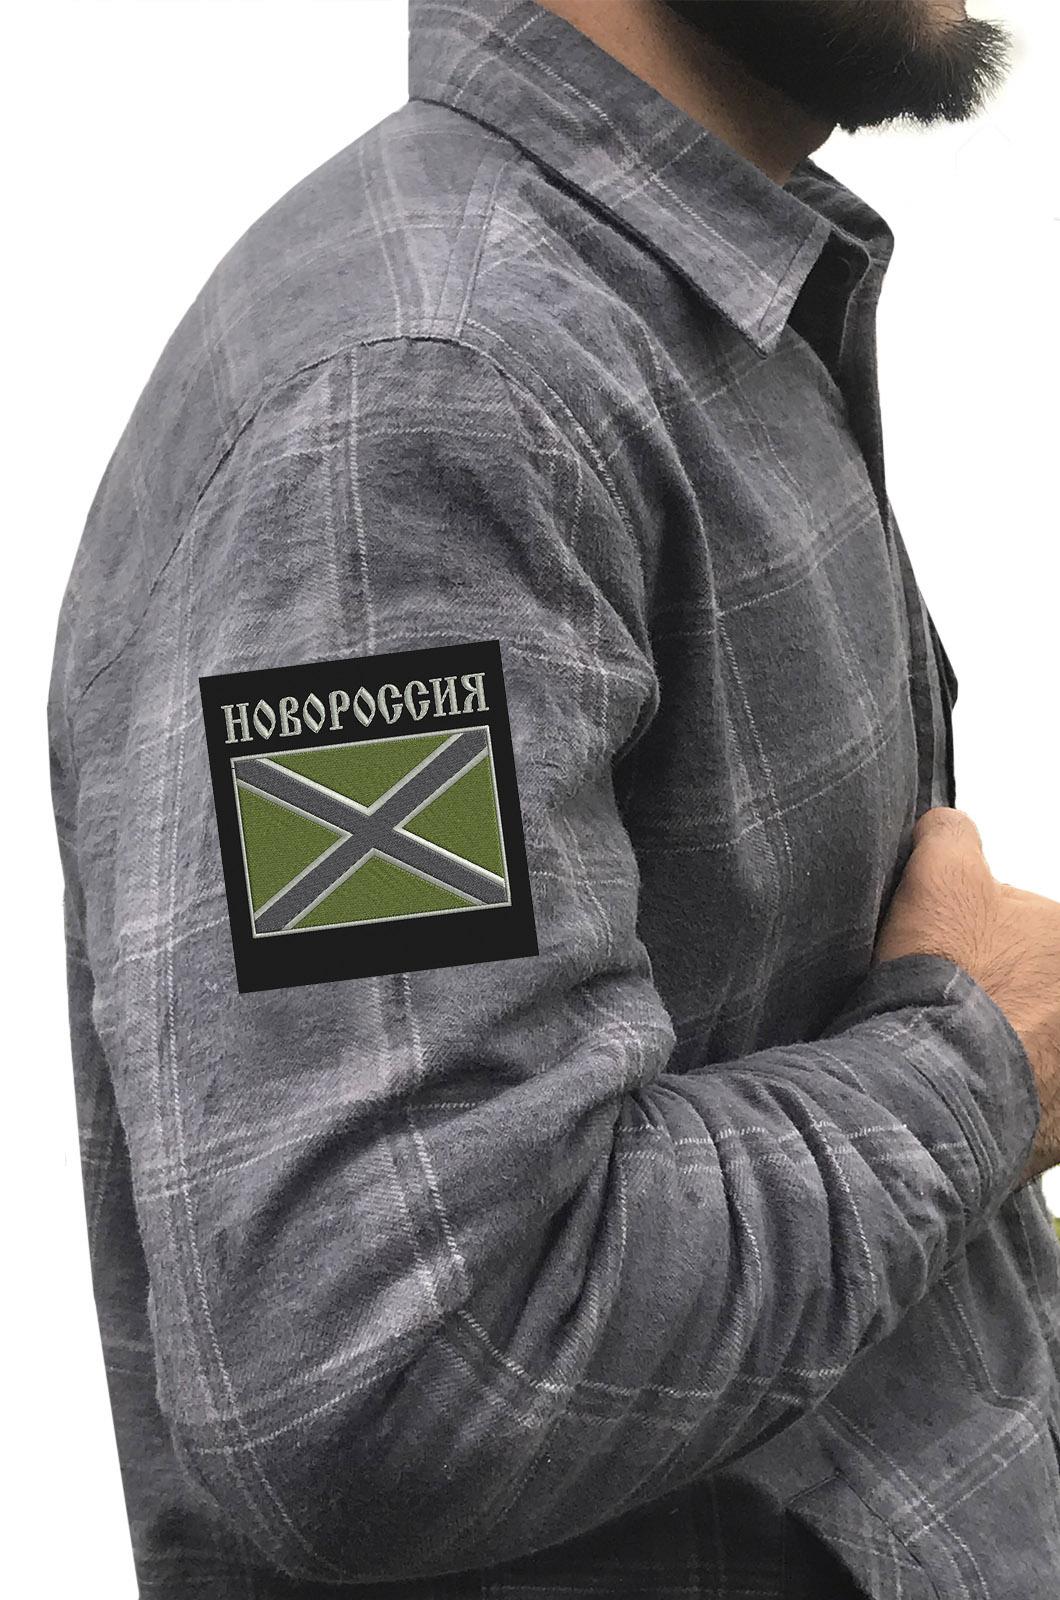 Крутая рубашка с вышитым полевым шевроном Новороссия - купить в Военпро